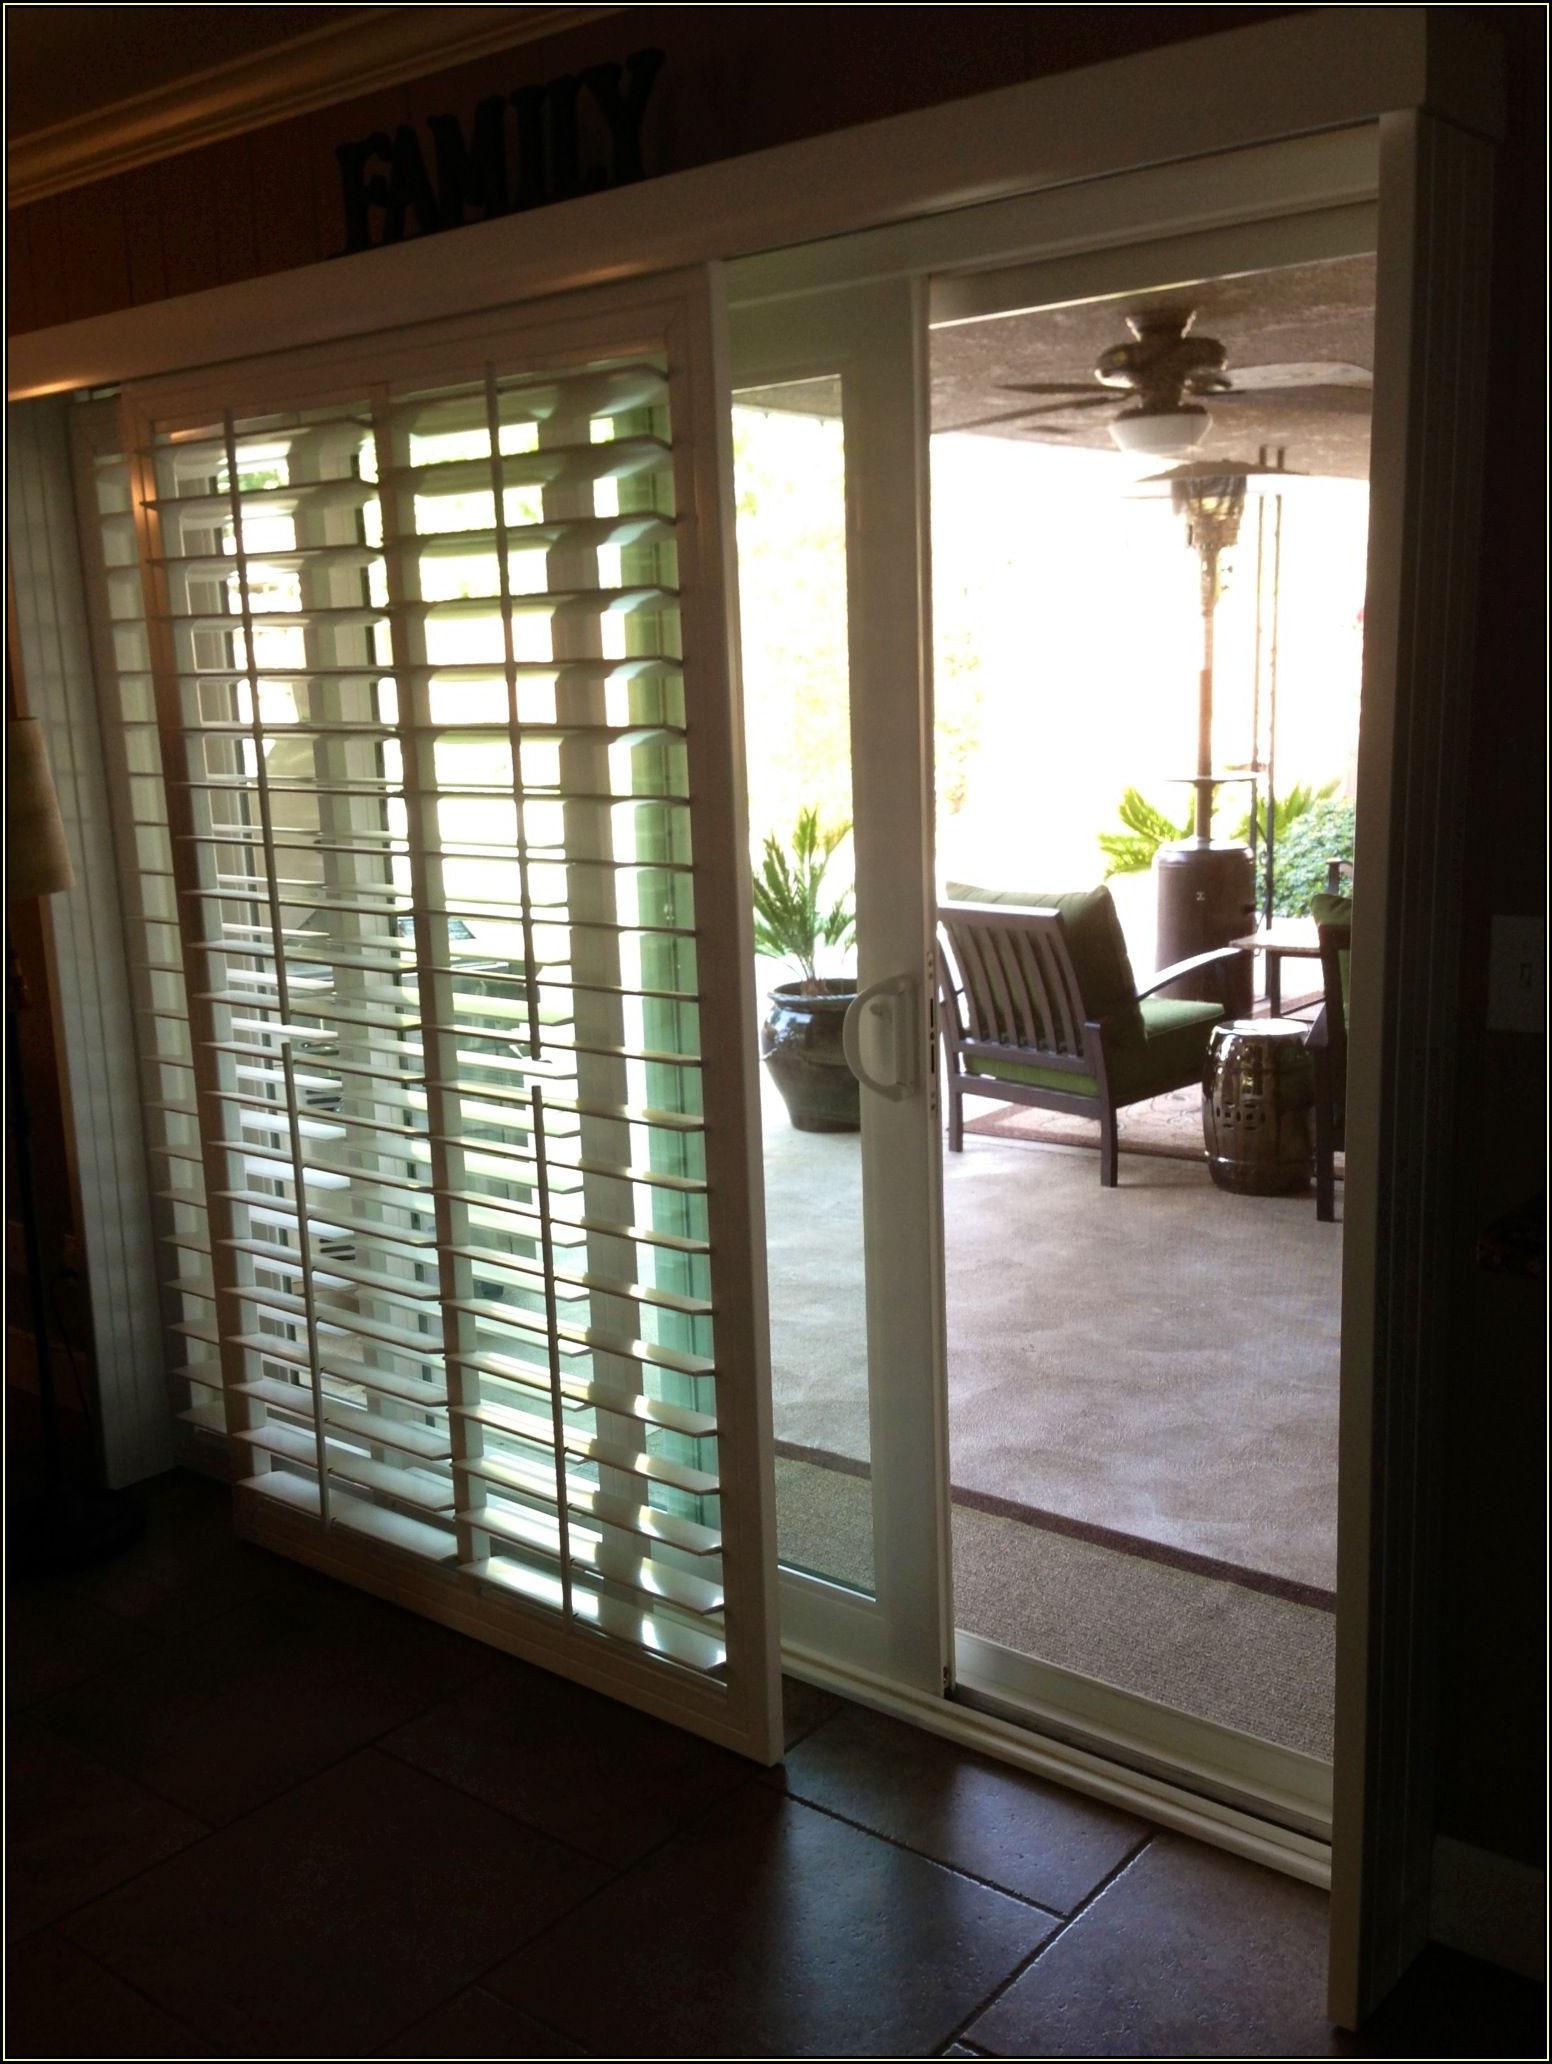 72x80 Sliding Patio Door With Blinds